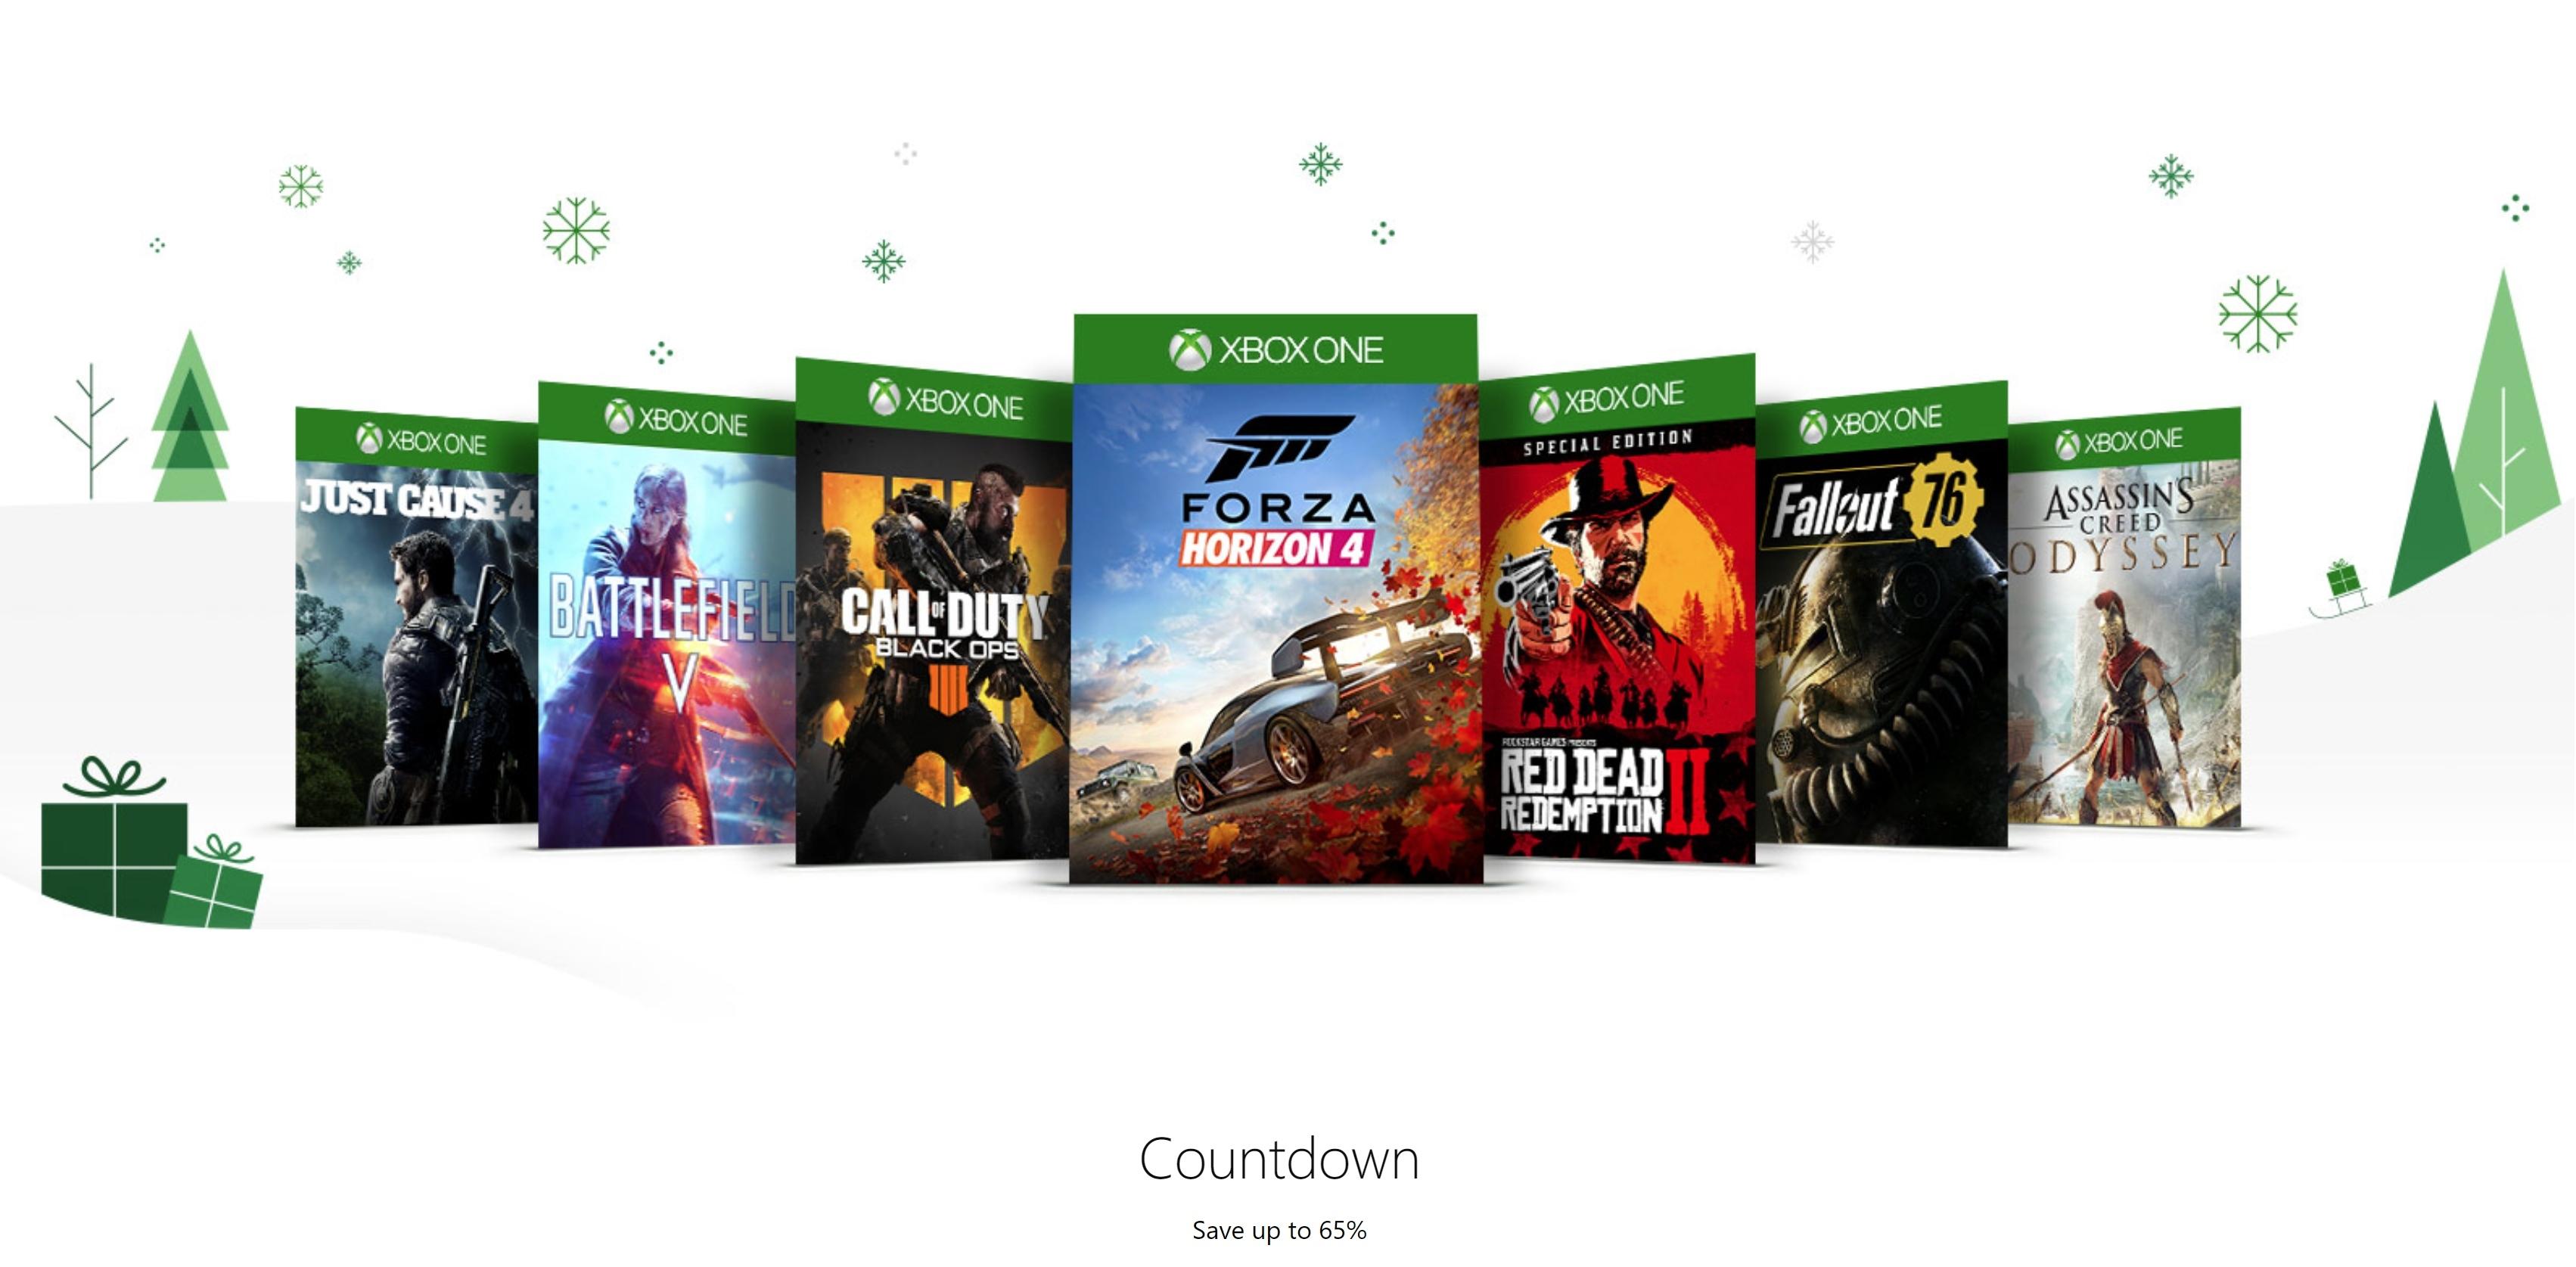 288c372af Vianočný Xbox výpredaj už začal | Sector